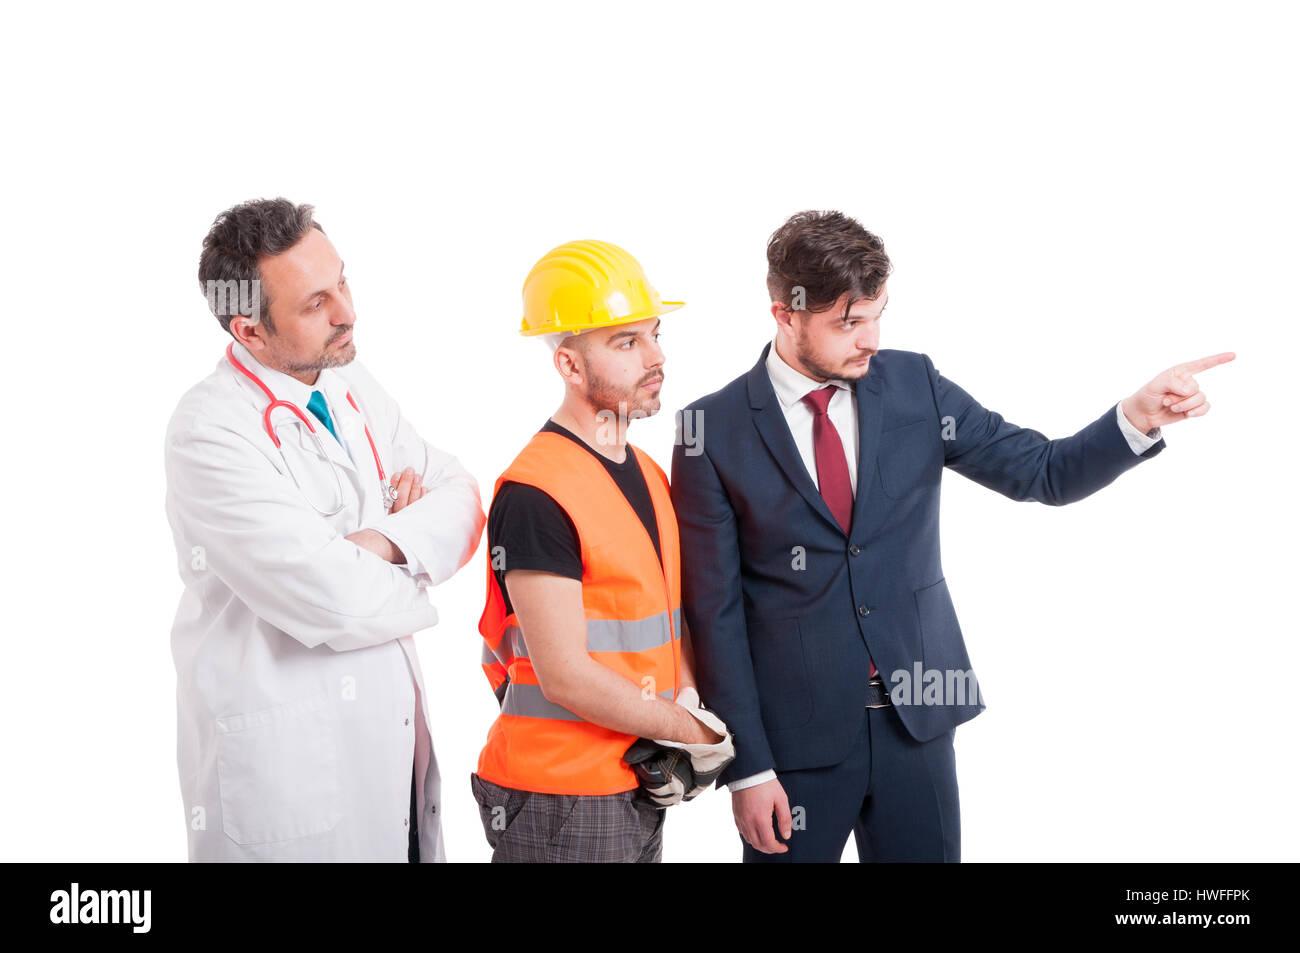 Männer mit verschiedenen Berufen Blick auf etwas isoliert auf weiss welche Geschäftsmann gerichtet ist Stockbild